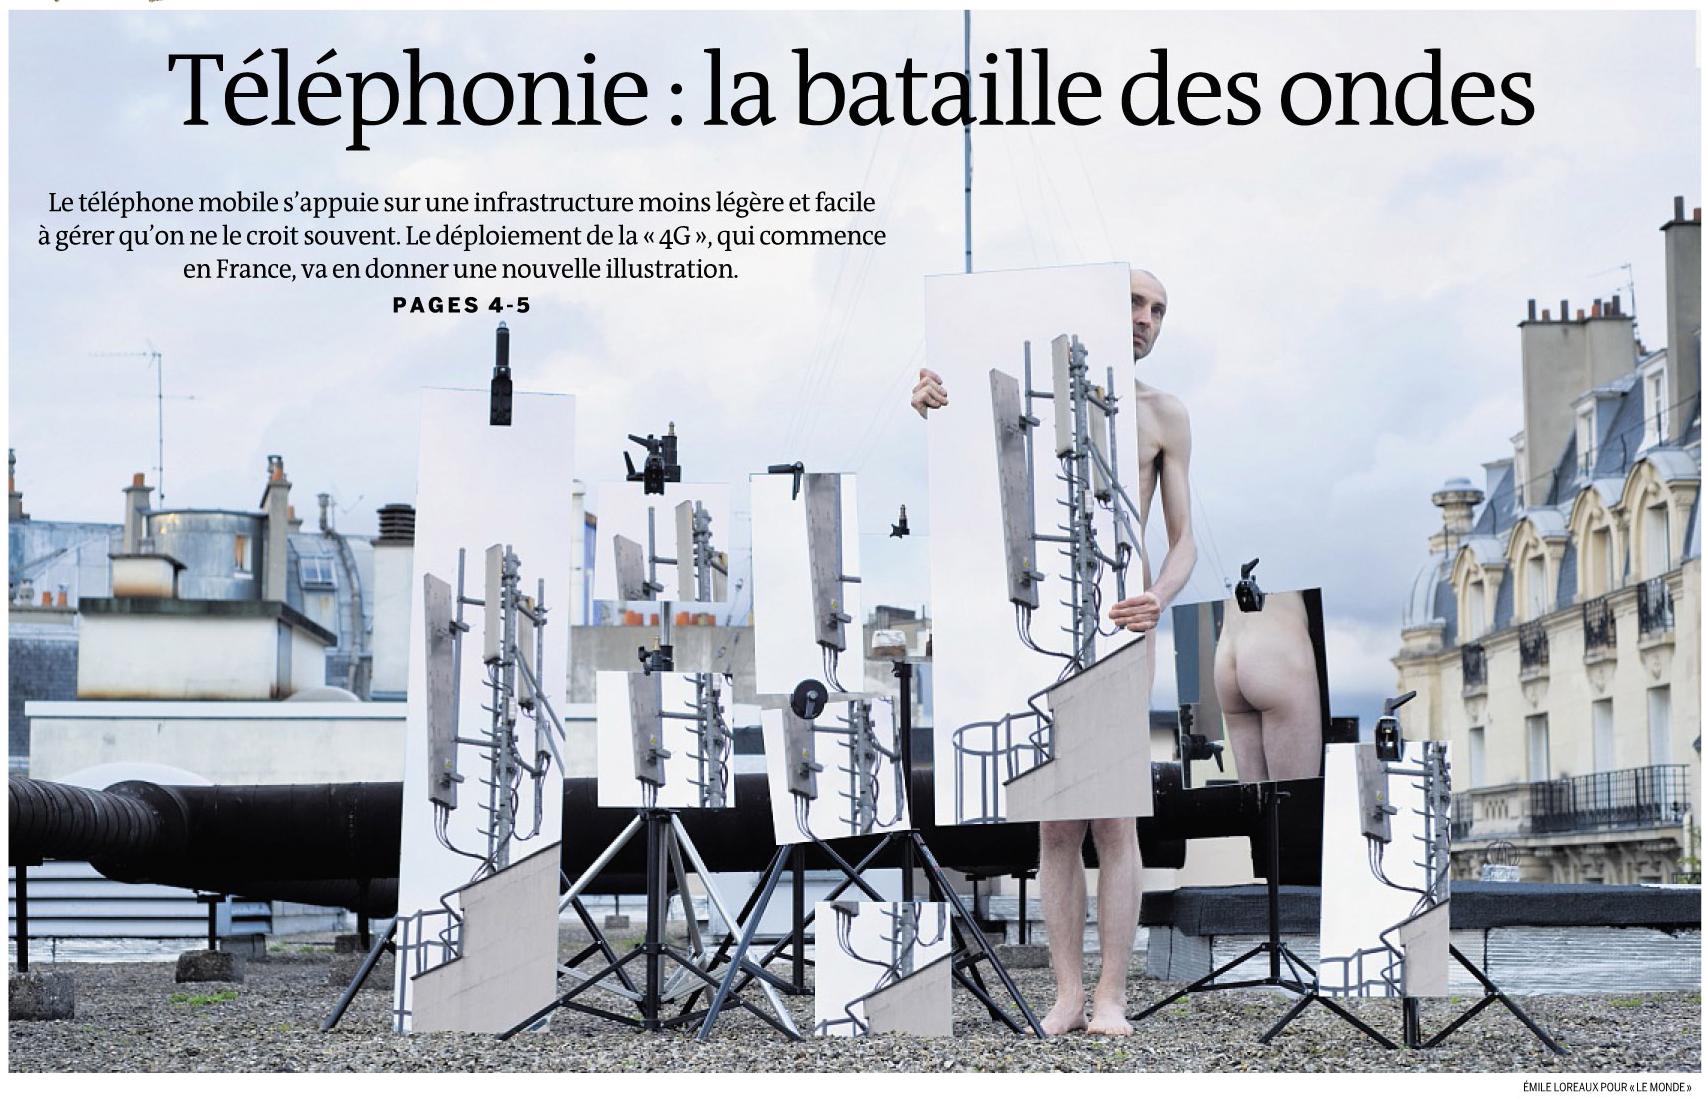 Emile_Loreaux_Le_Monde